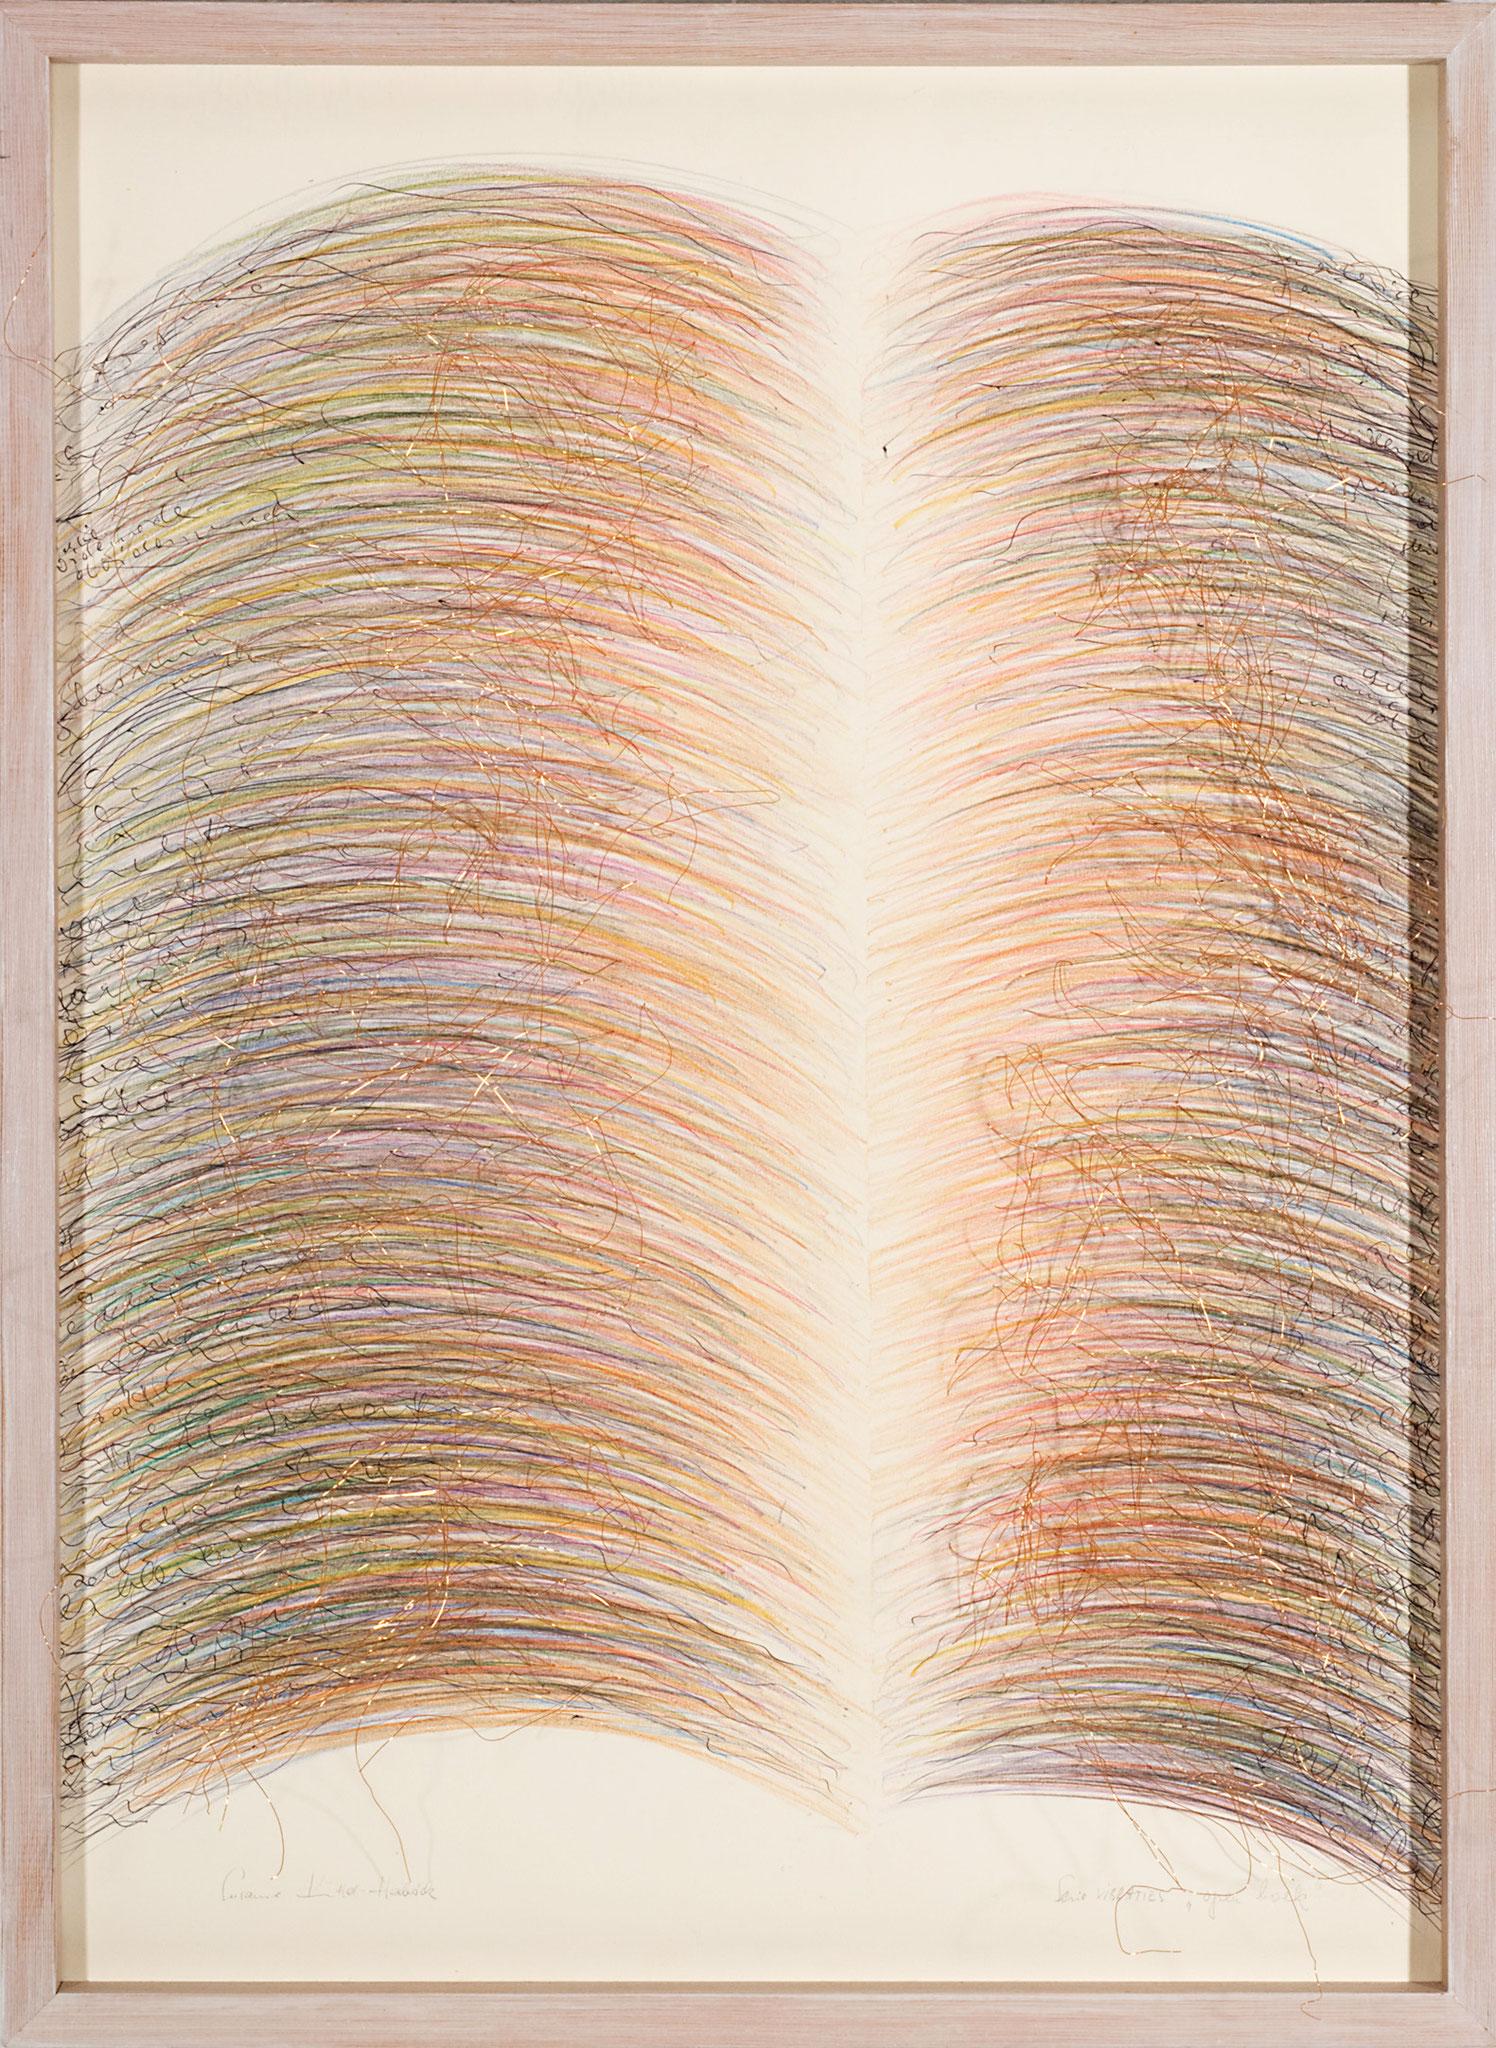 ein offenes Buch   (72x52cm)